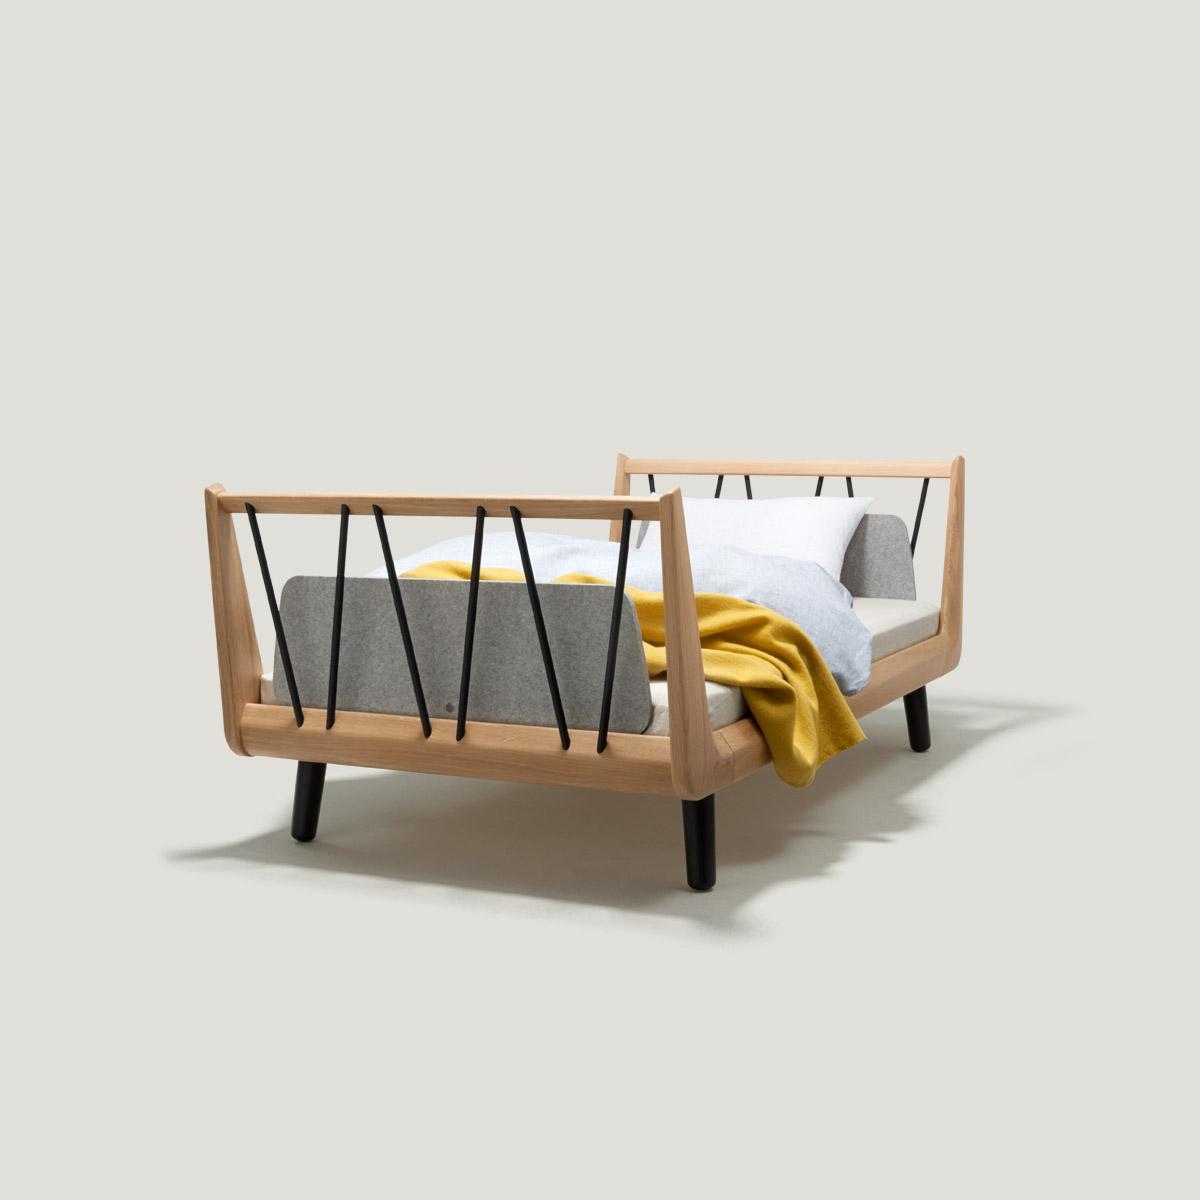 VII classic junior bed